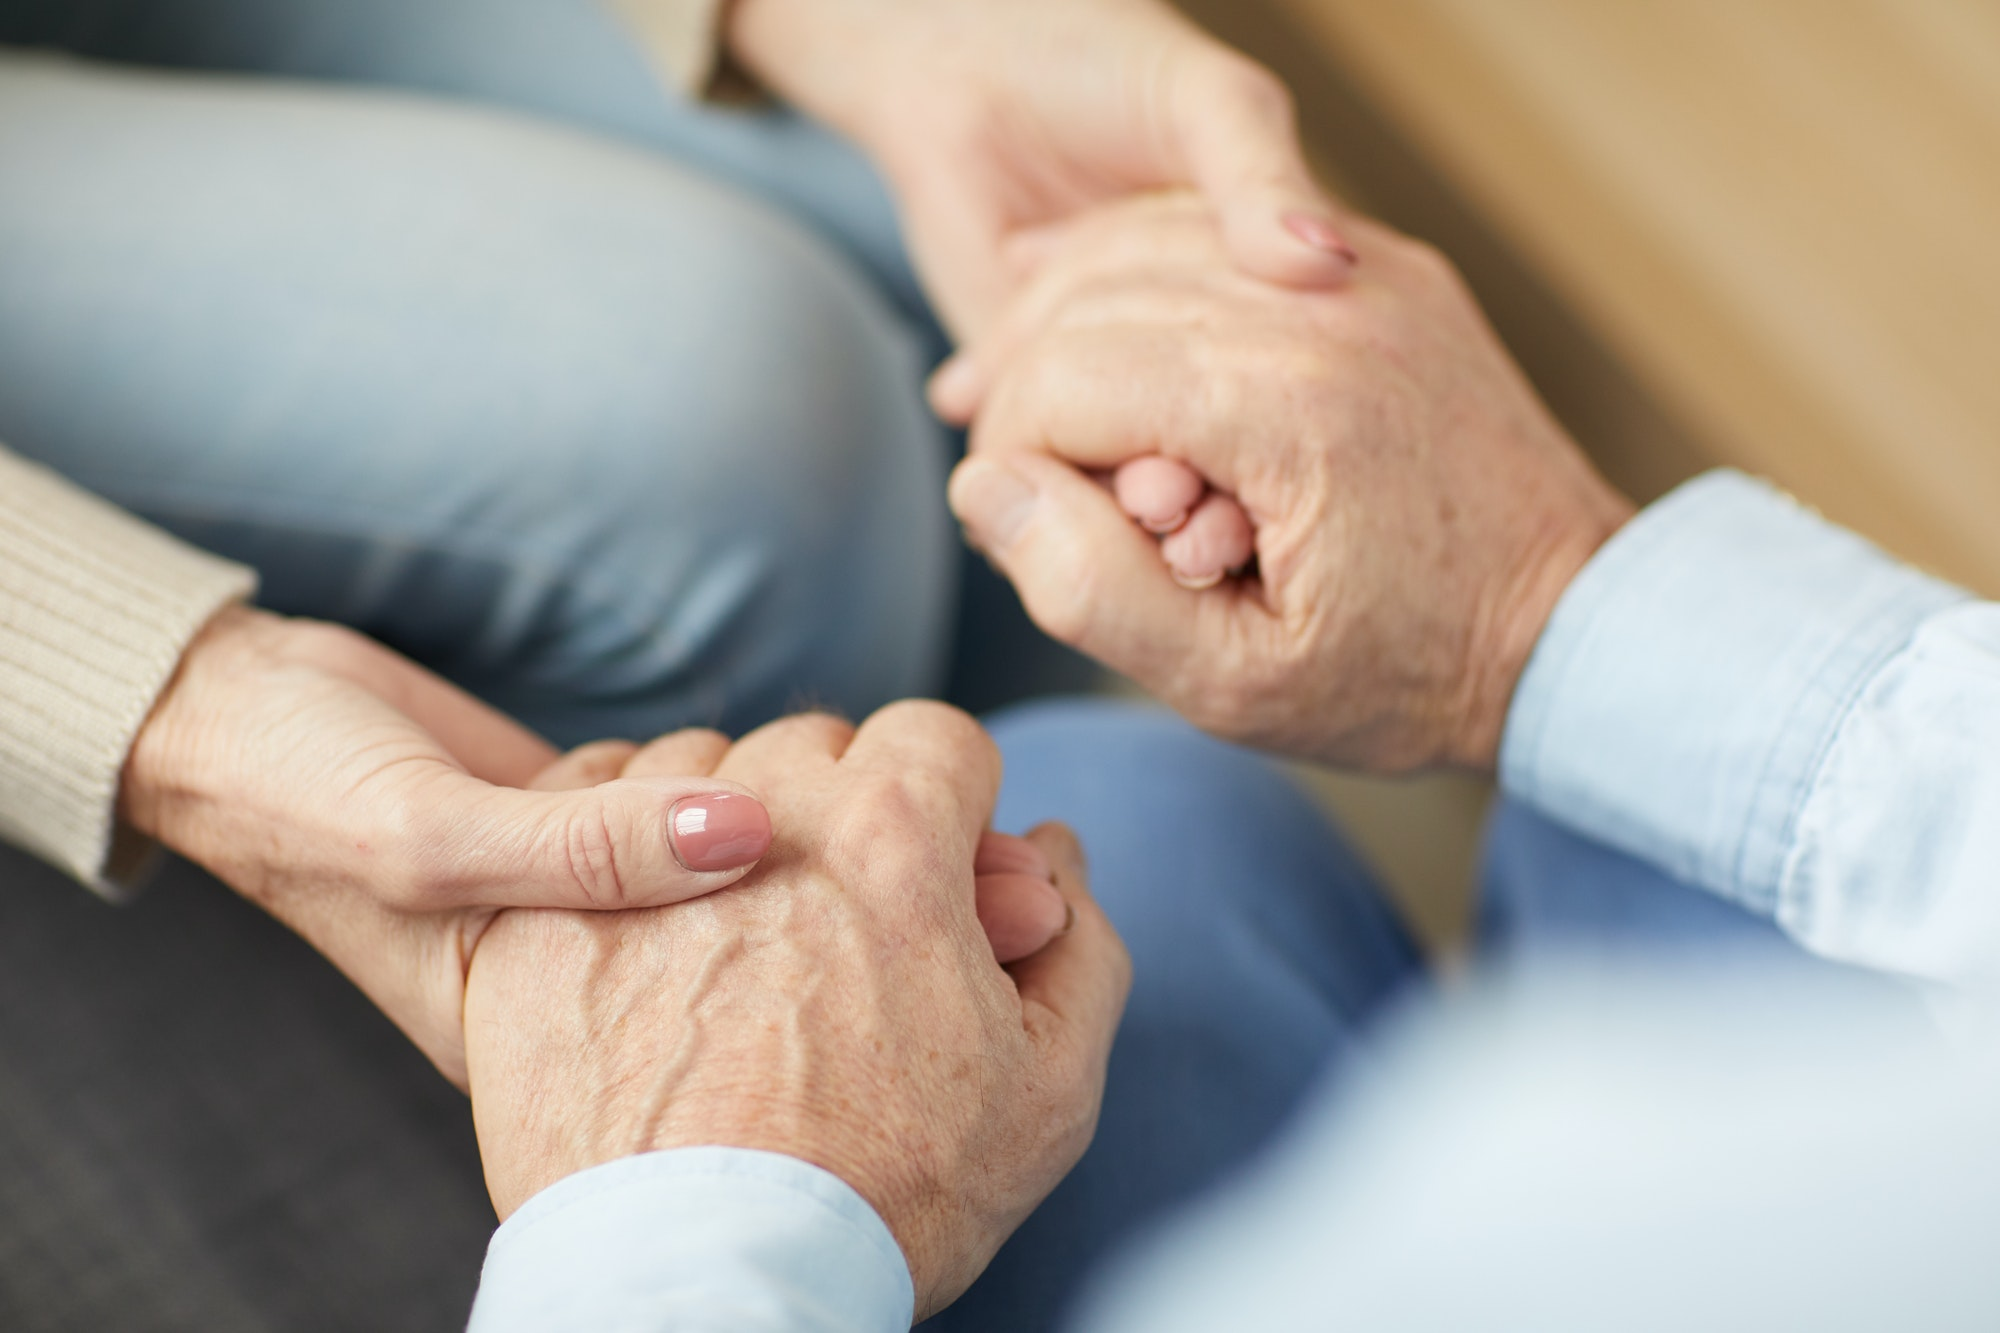 Vanhuspalvelulain muutoksen myötä ikäihmisten palveluntarve ja toimintakyky tulee arvioida RAI-arviointivälinettä käyttäen.